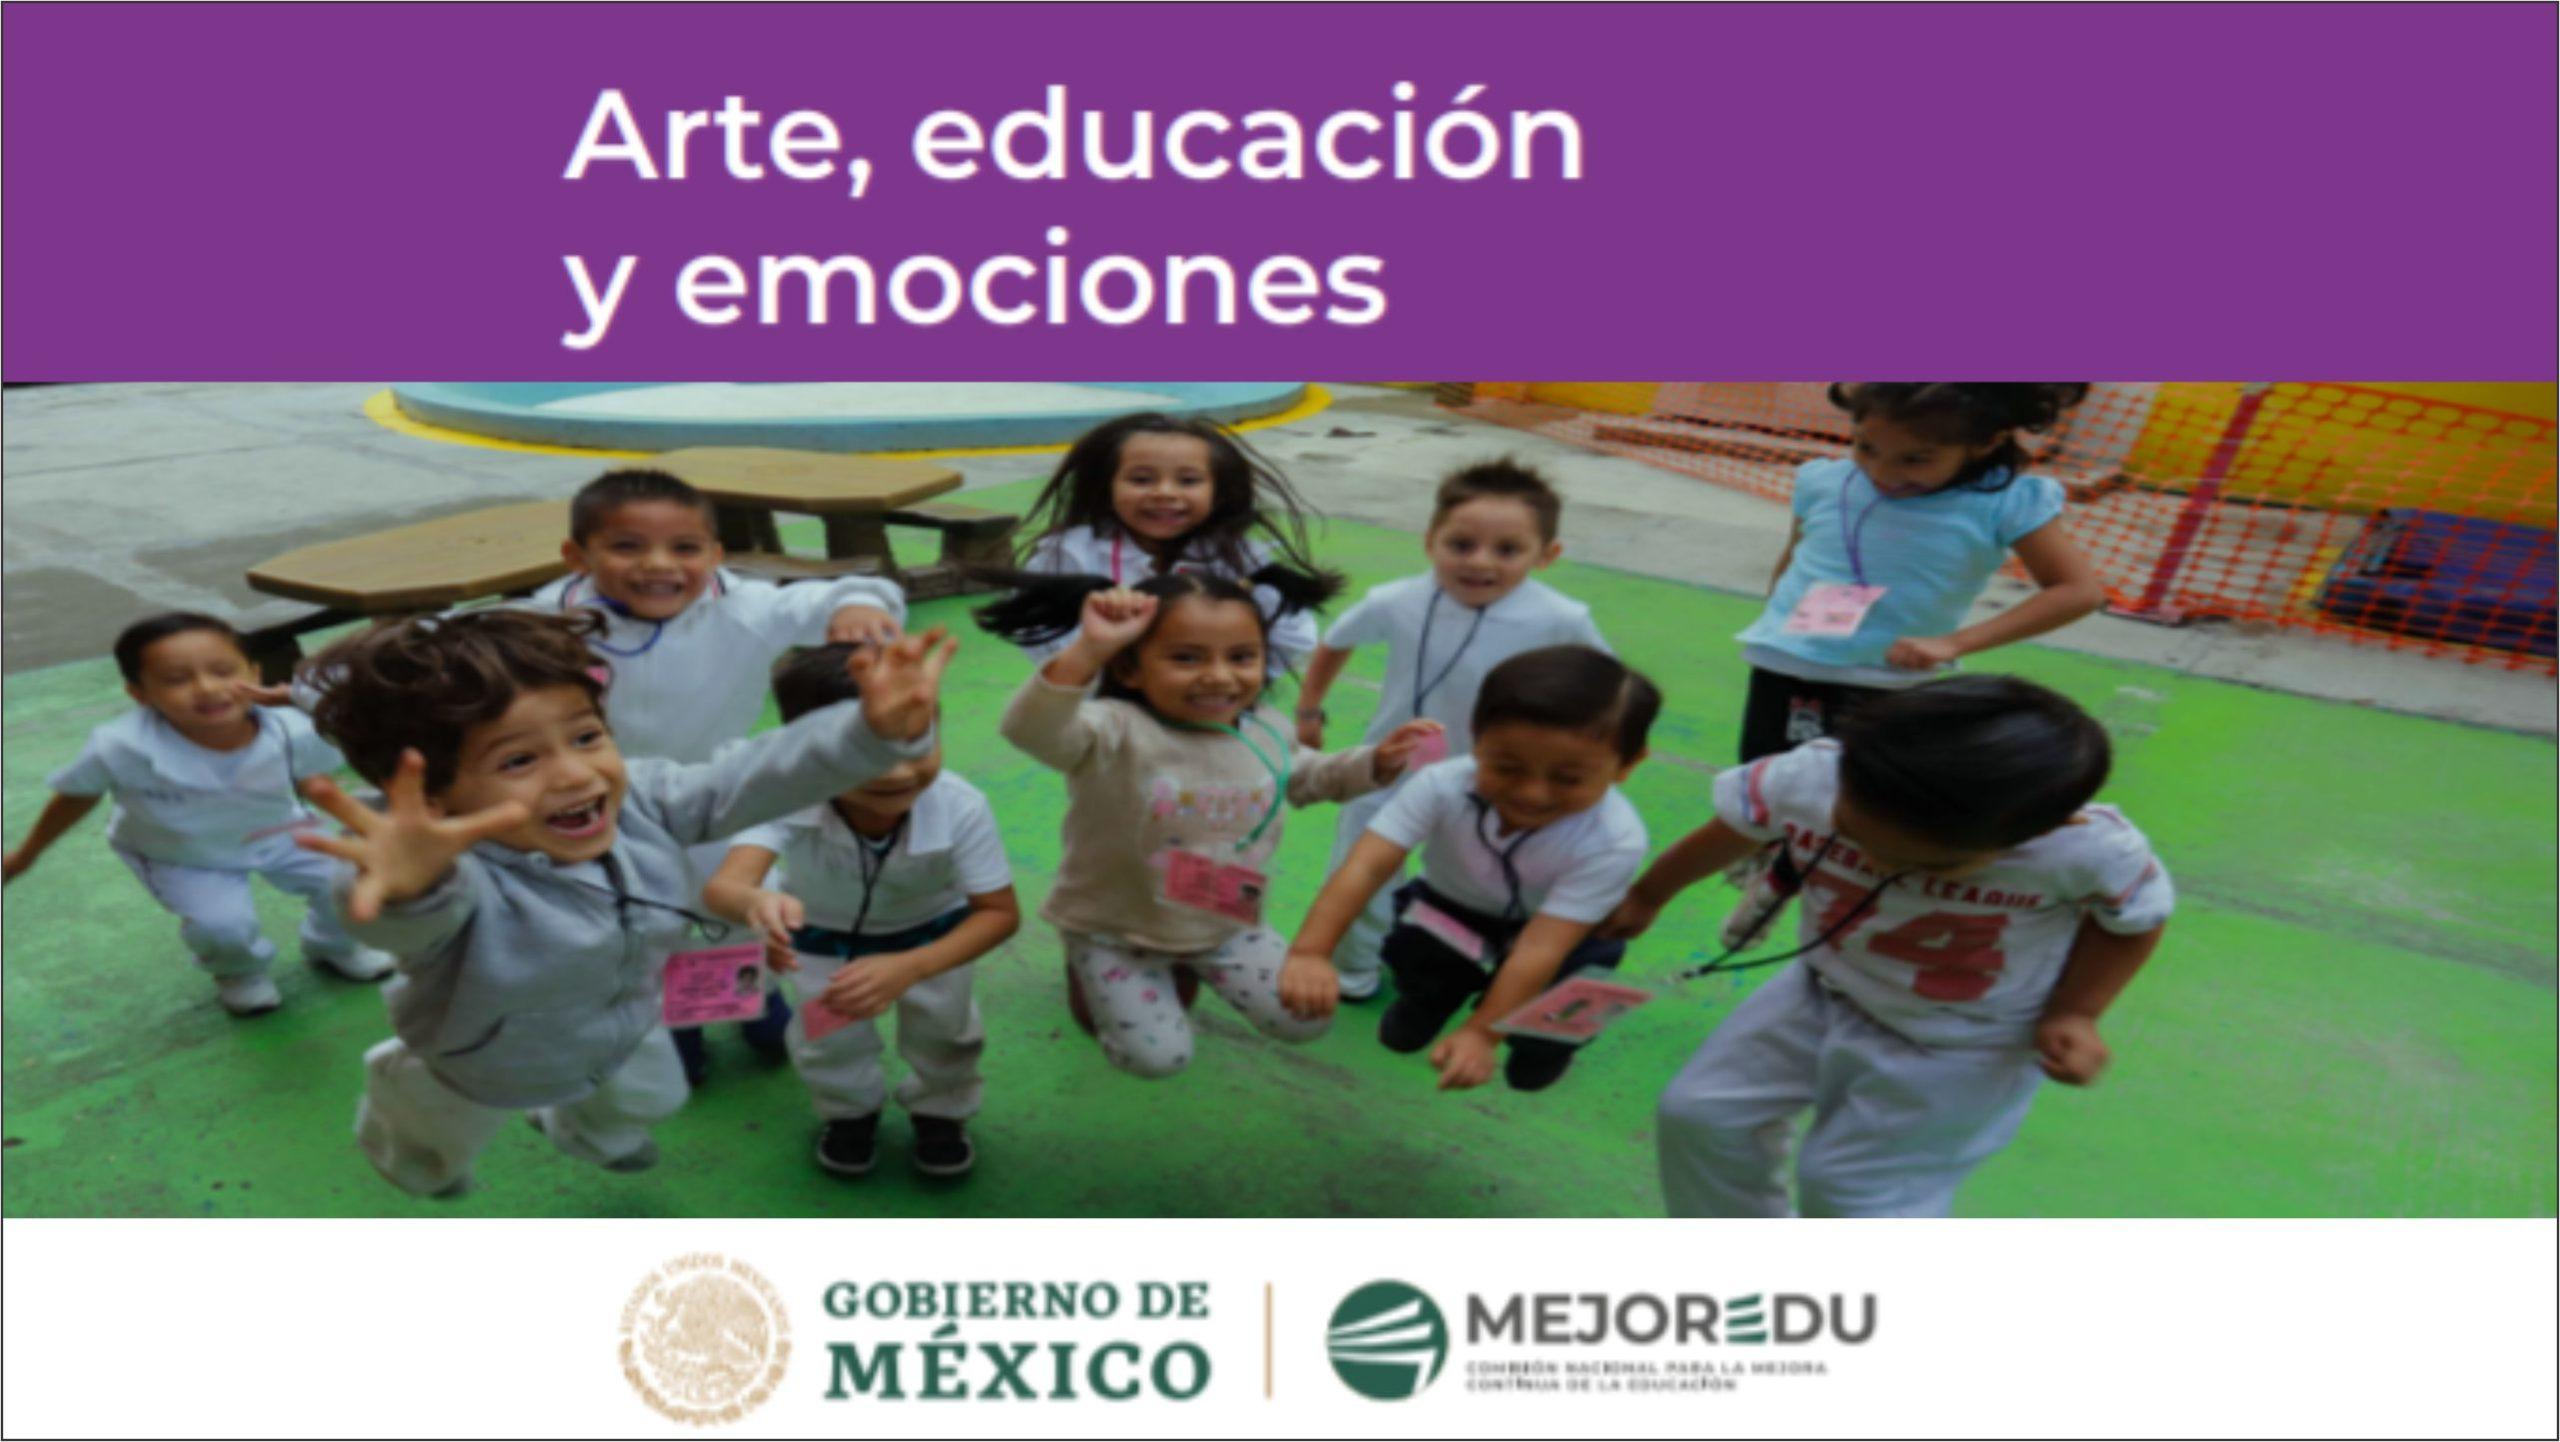 Taller ≫  Arte, educación y emociones para Educación Básica